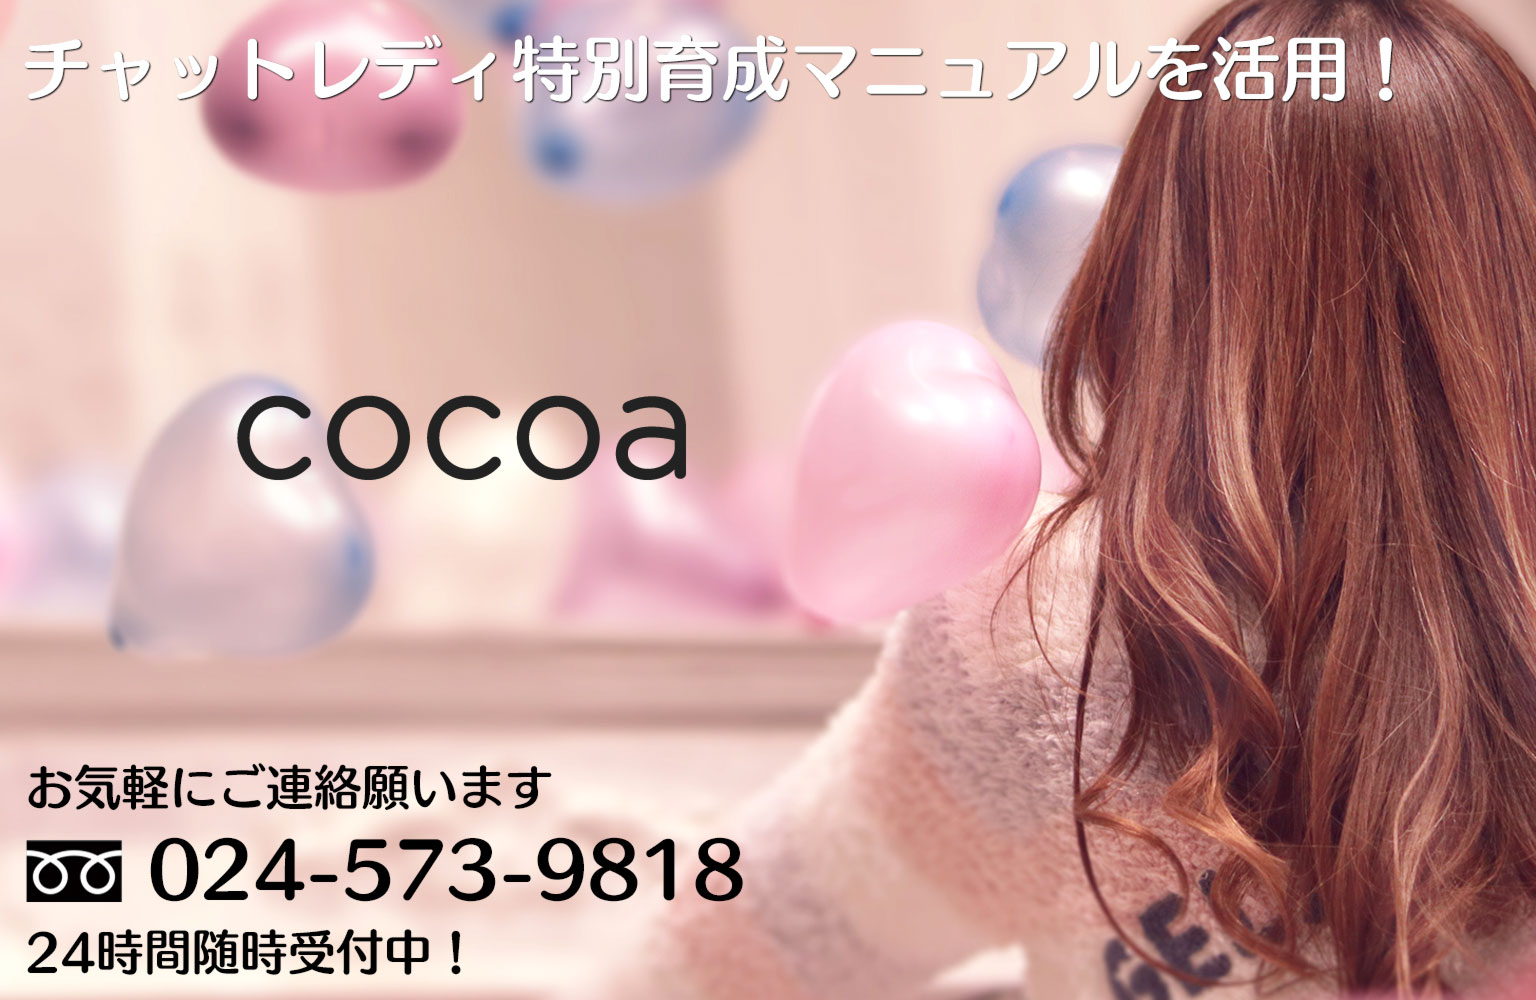 チャット 女の子募集 福島 アルバイト